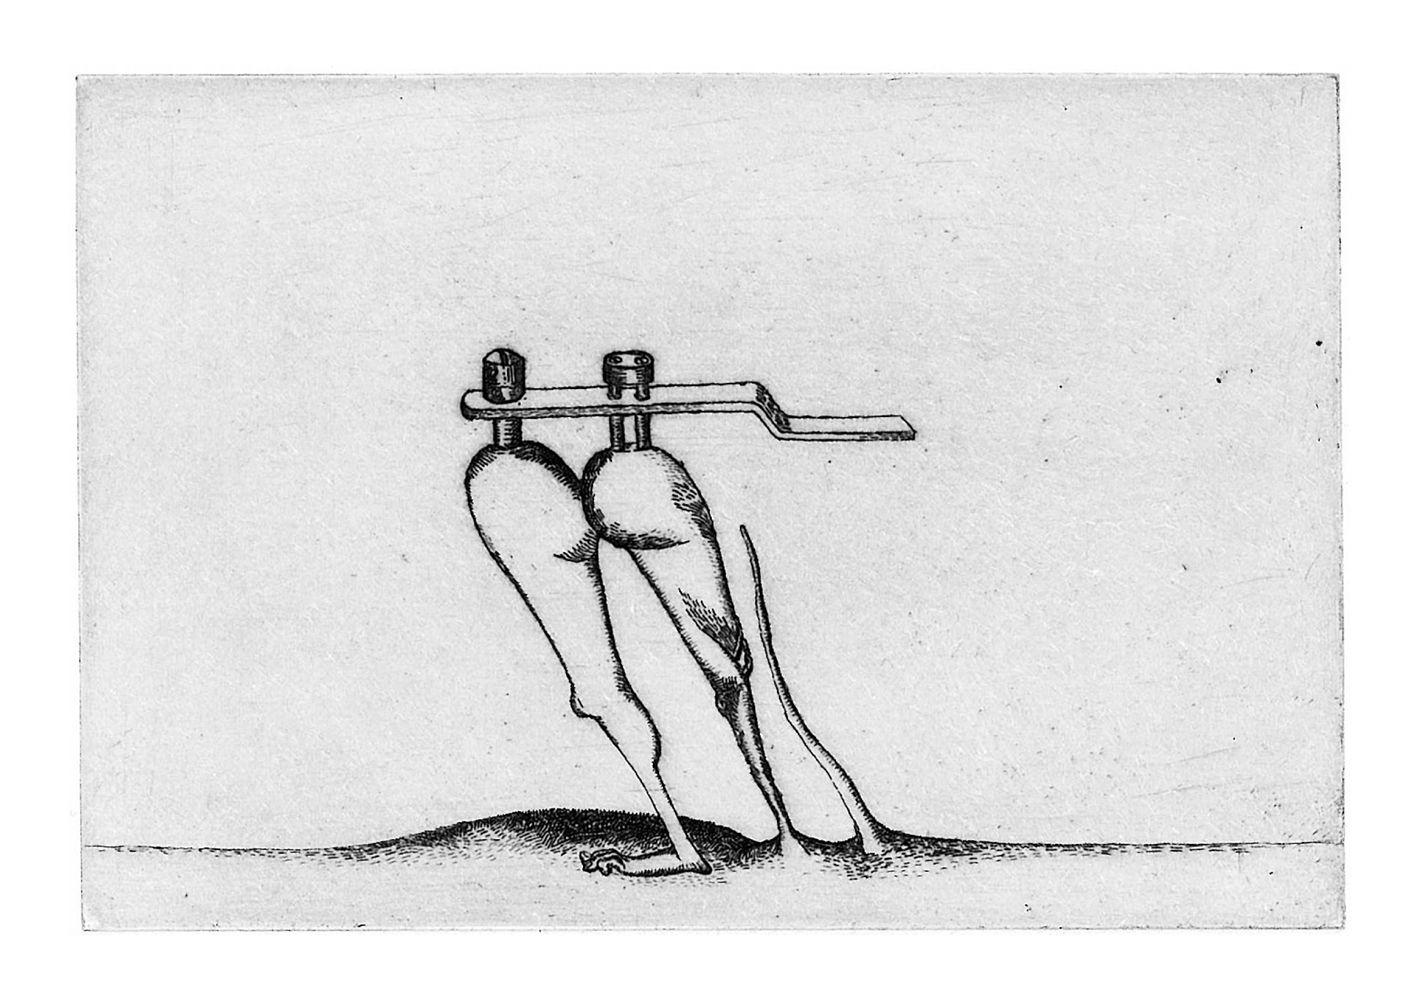 Saint-Germain-des-Prés - gravure de Sonja Hopf